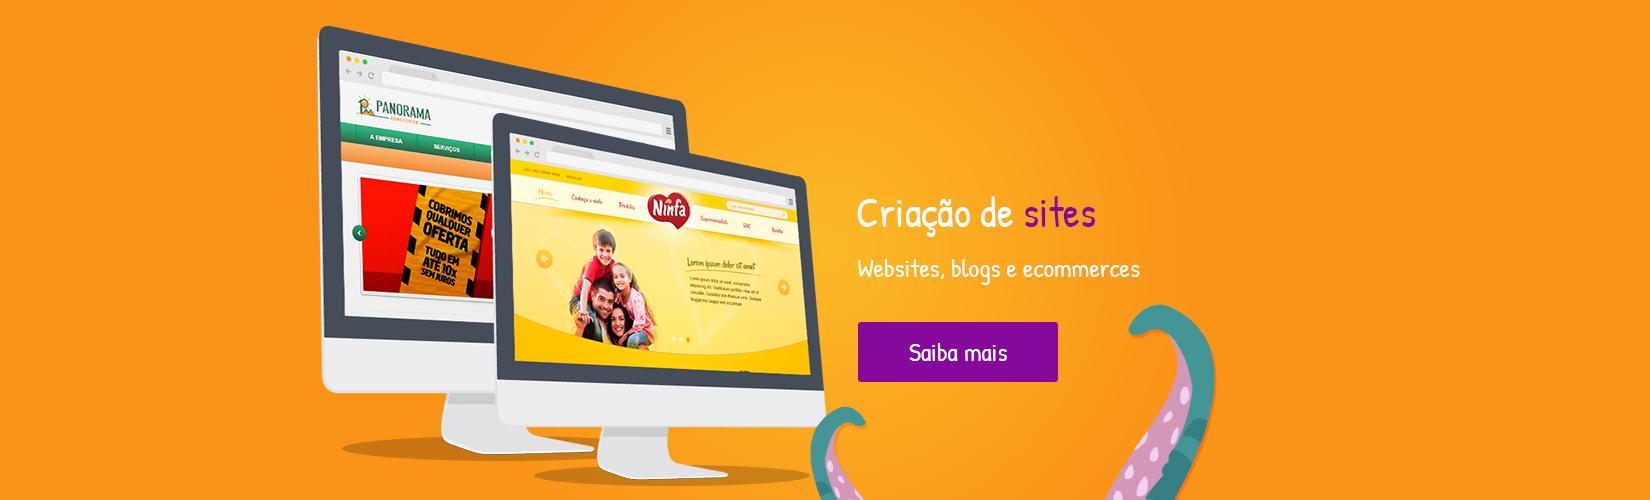 criacao-site